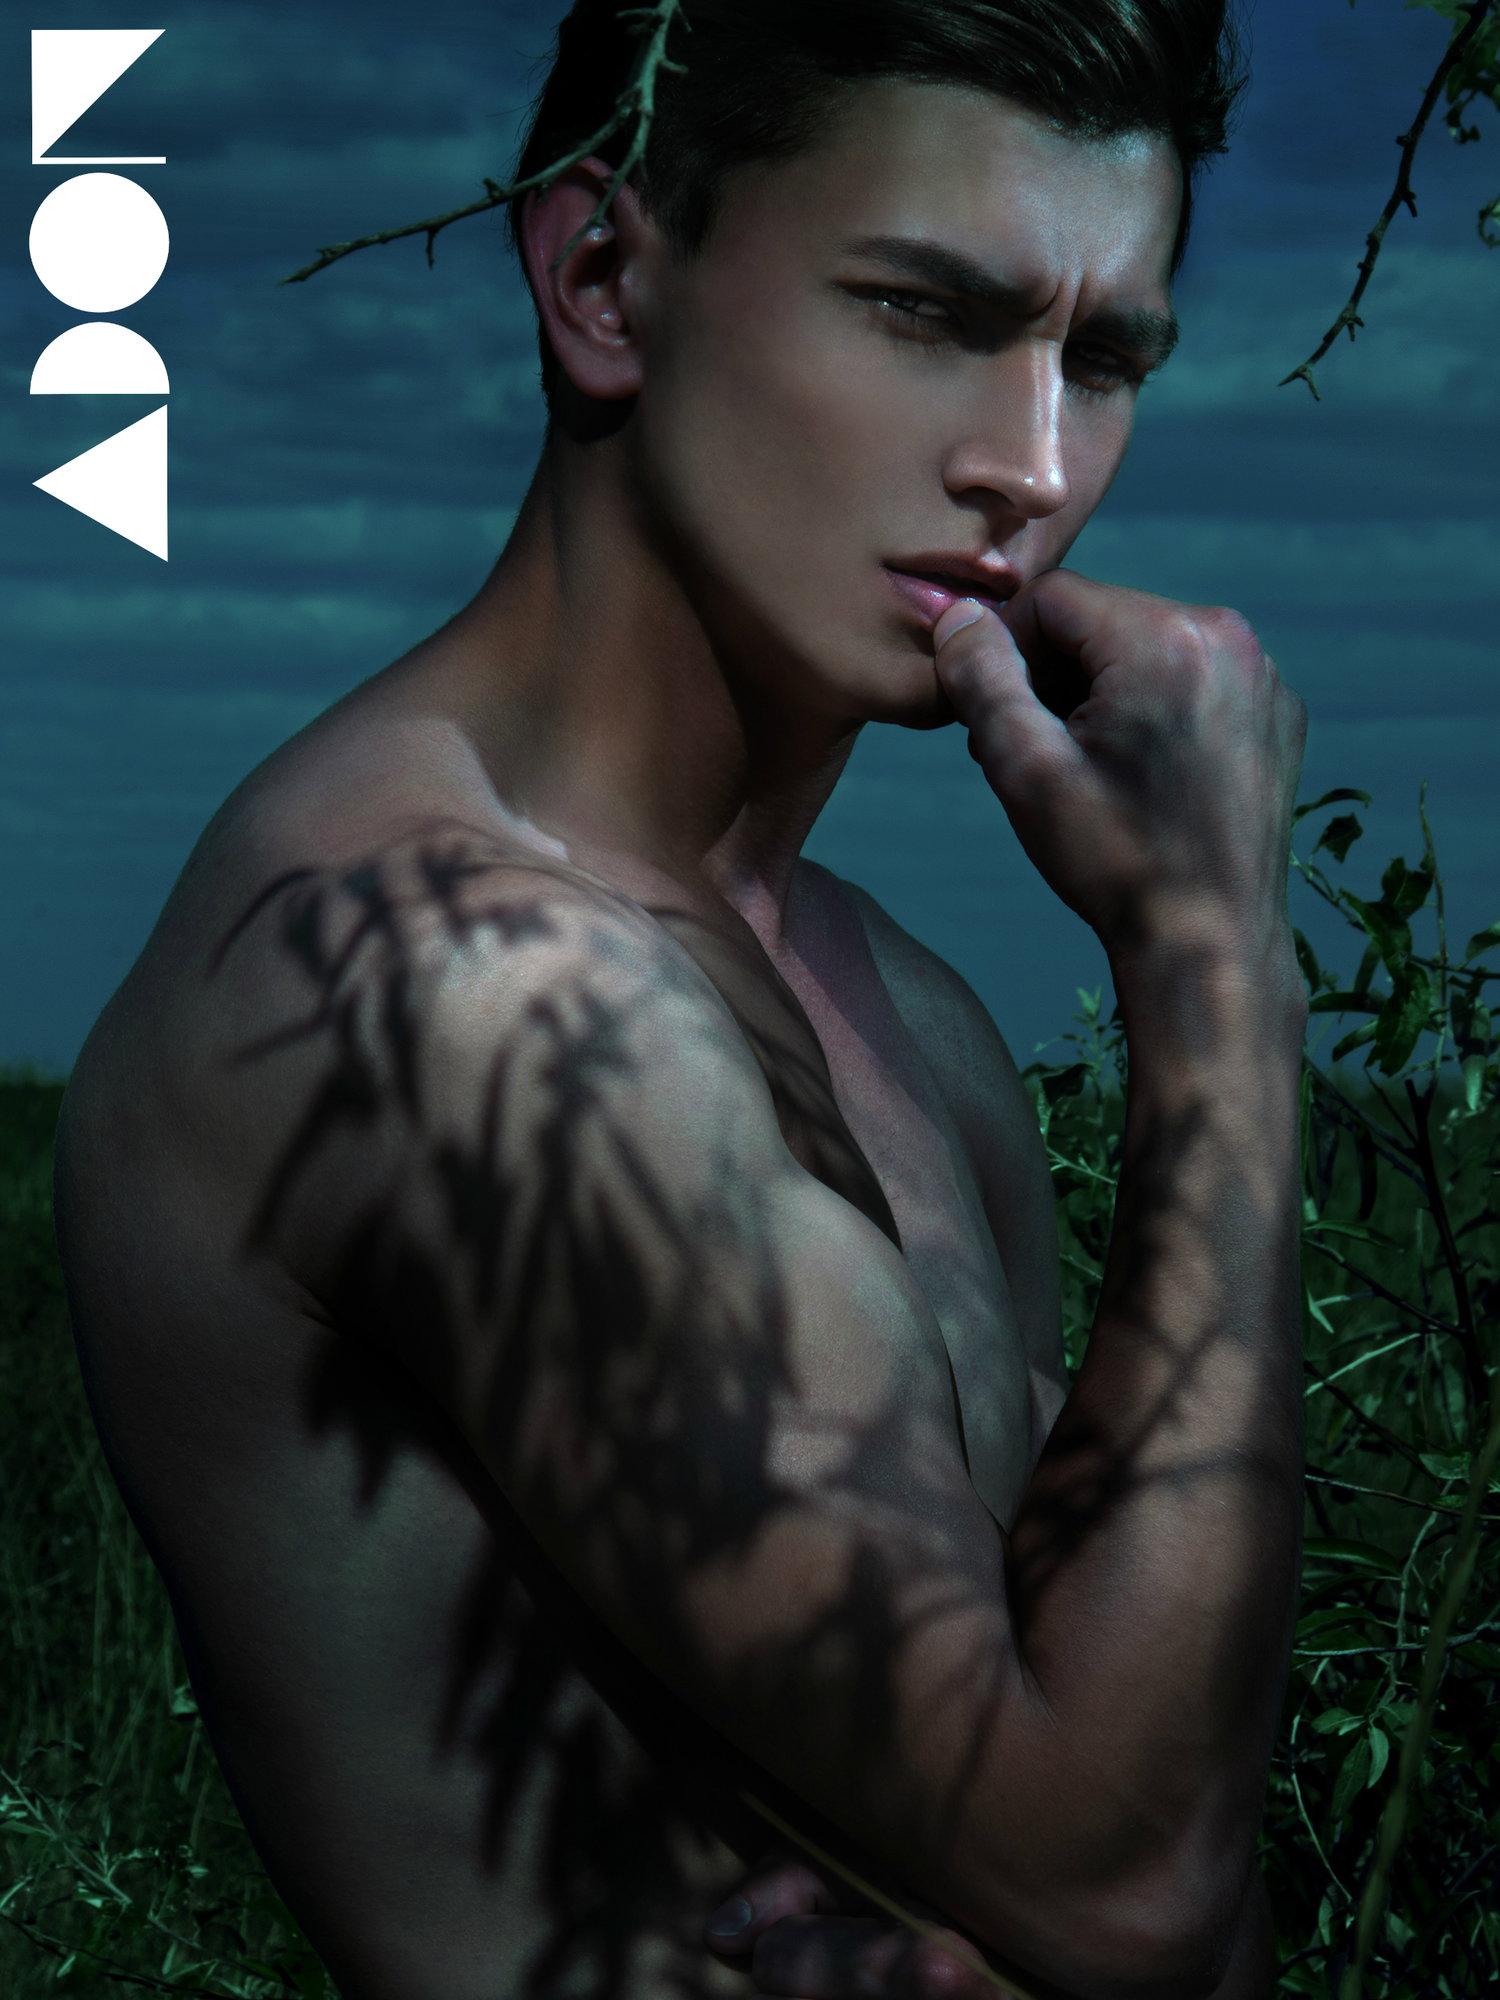 Adon Exclusive: Model Valentin Korolkov By Arthur Tselishchev